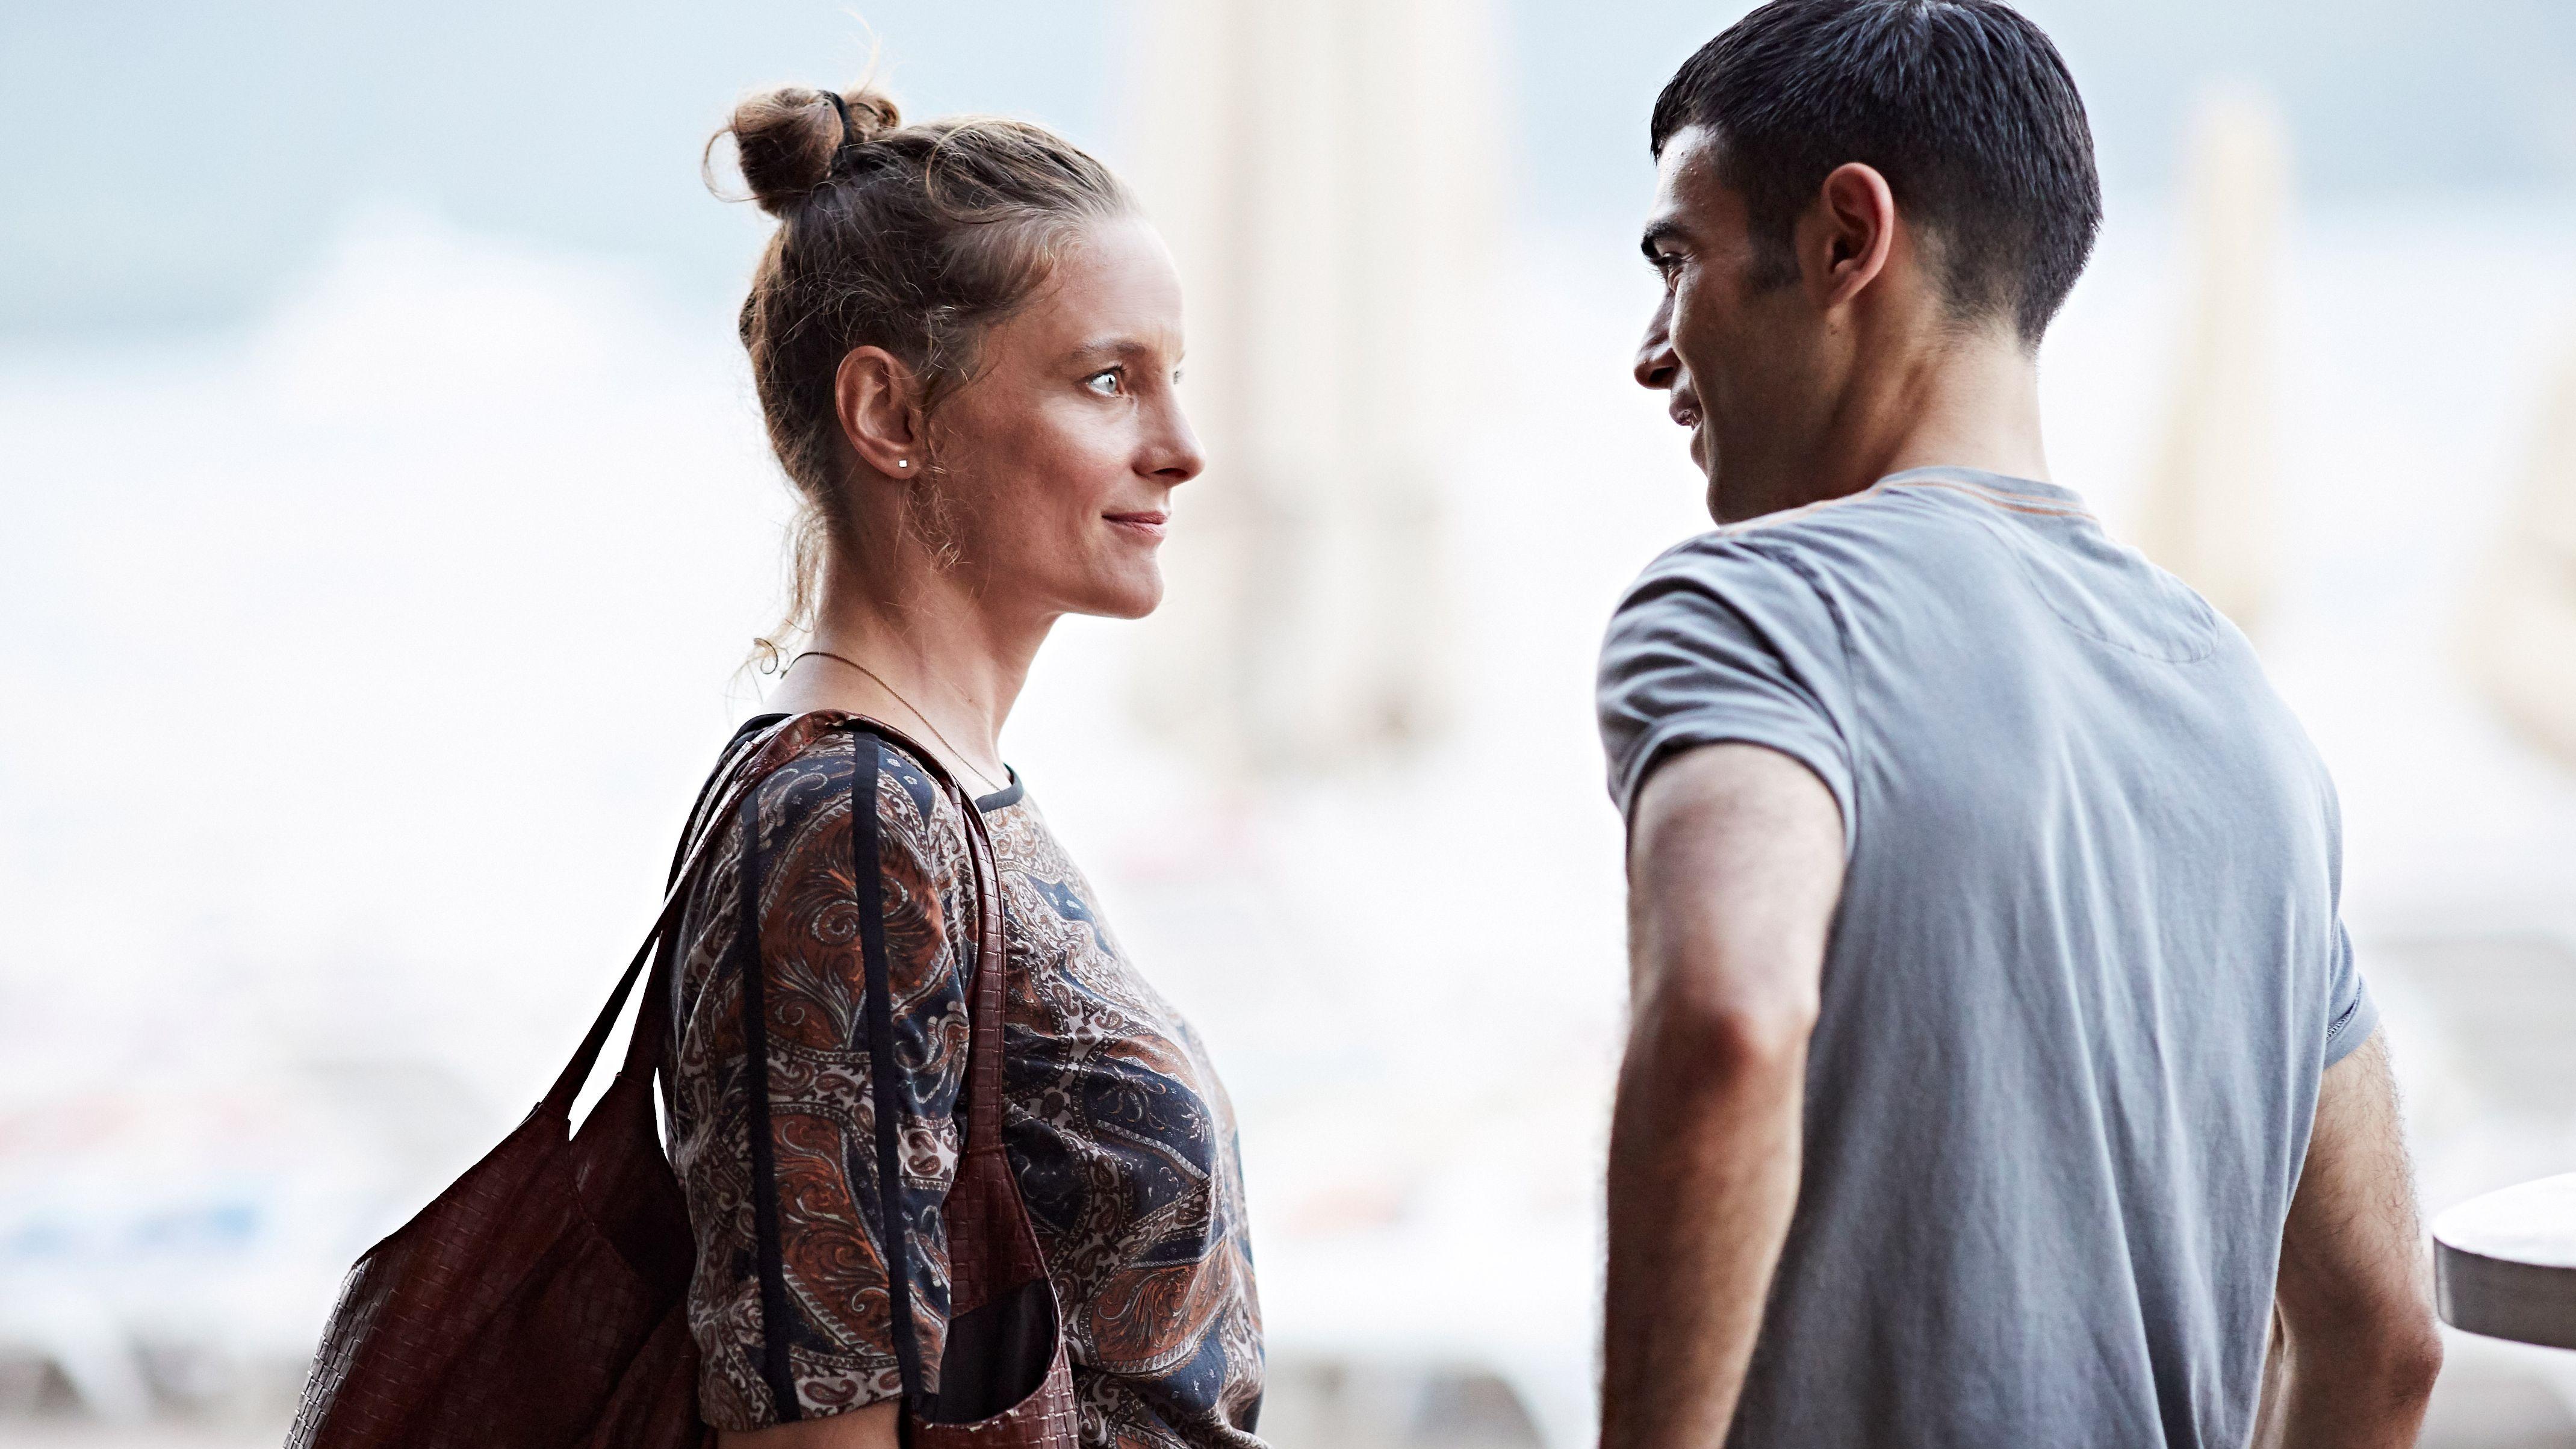 """Filmstill aus """"Es gilt das gesprochene Wort"""": Anne Ratte-Polle und Oğulcan Arman Uslu stehen sich gegenüber"""